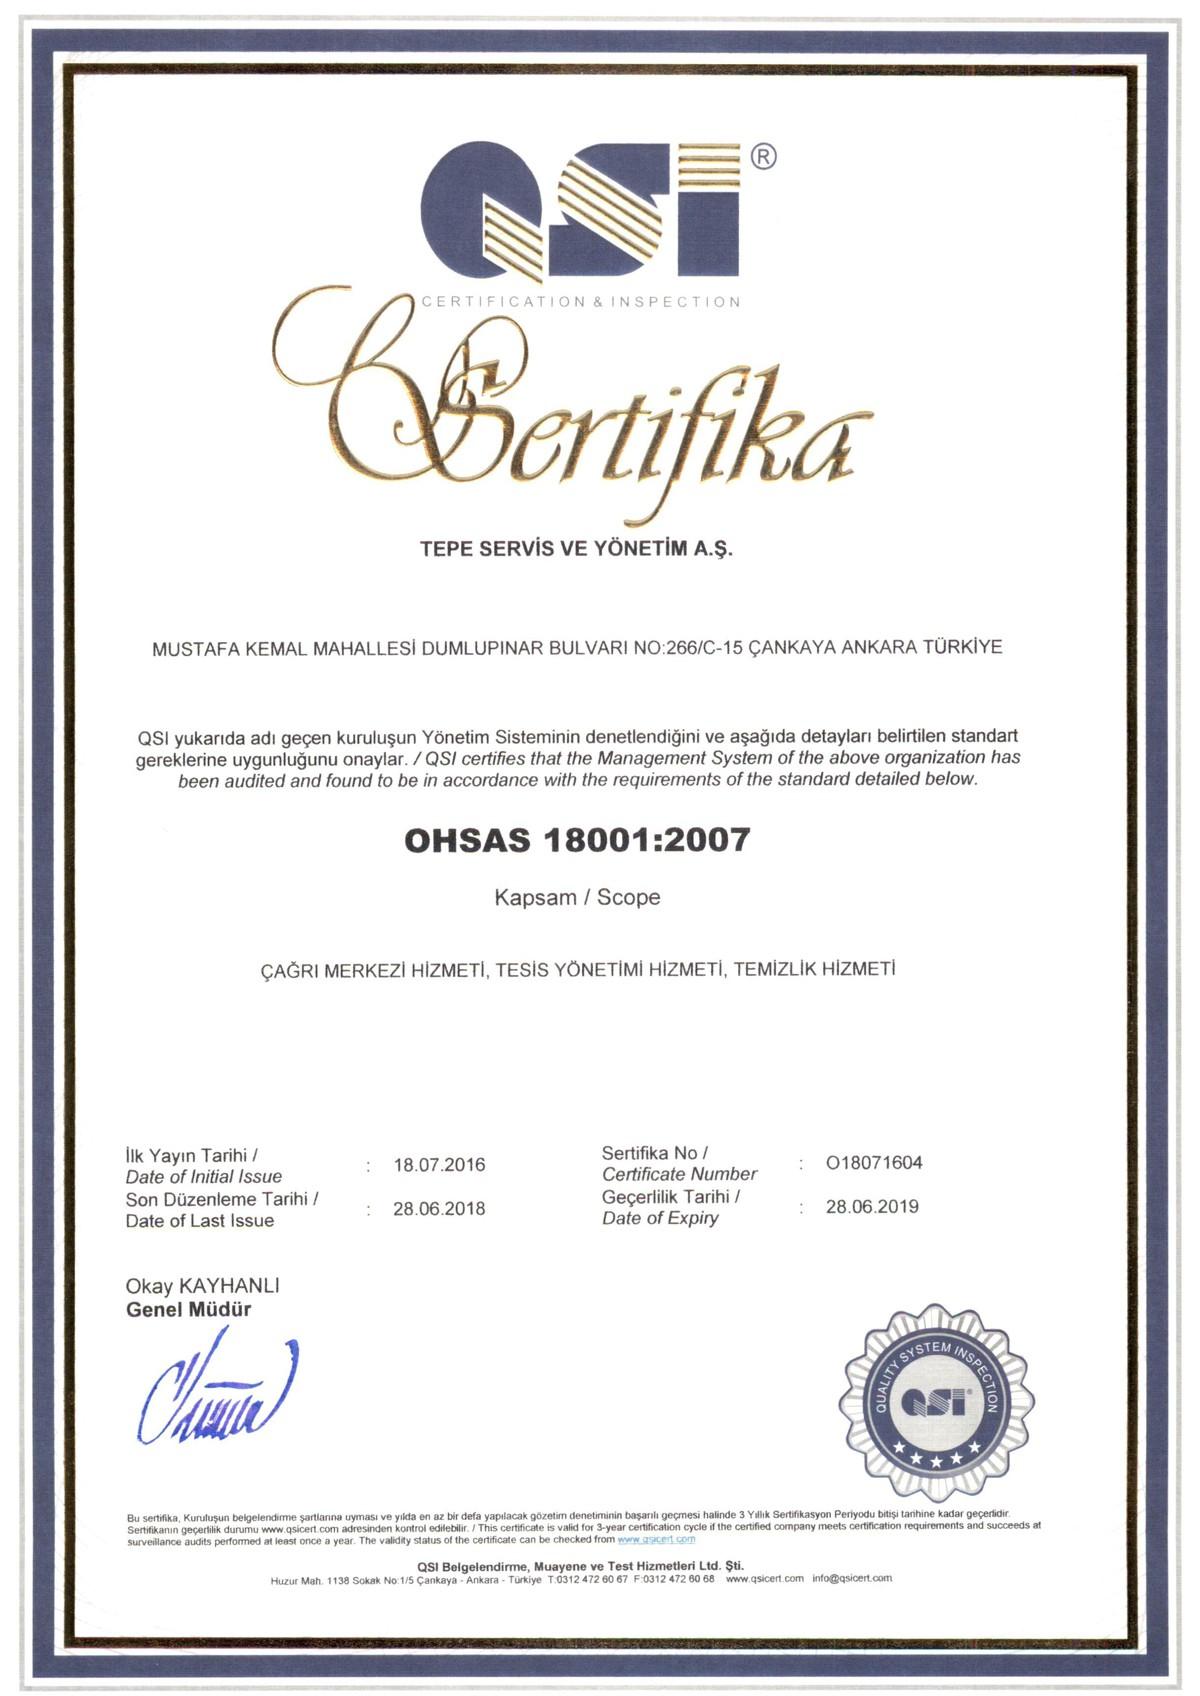 Tepe Servis - Ohsas 18001